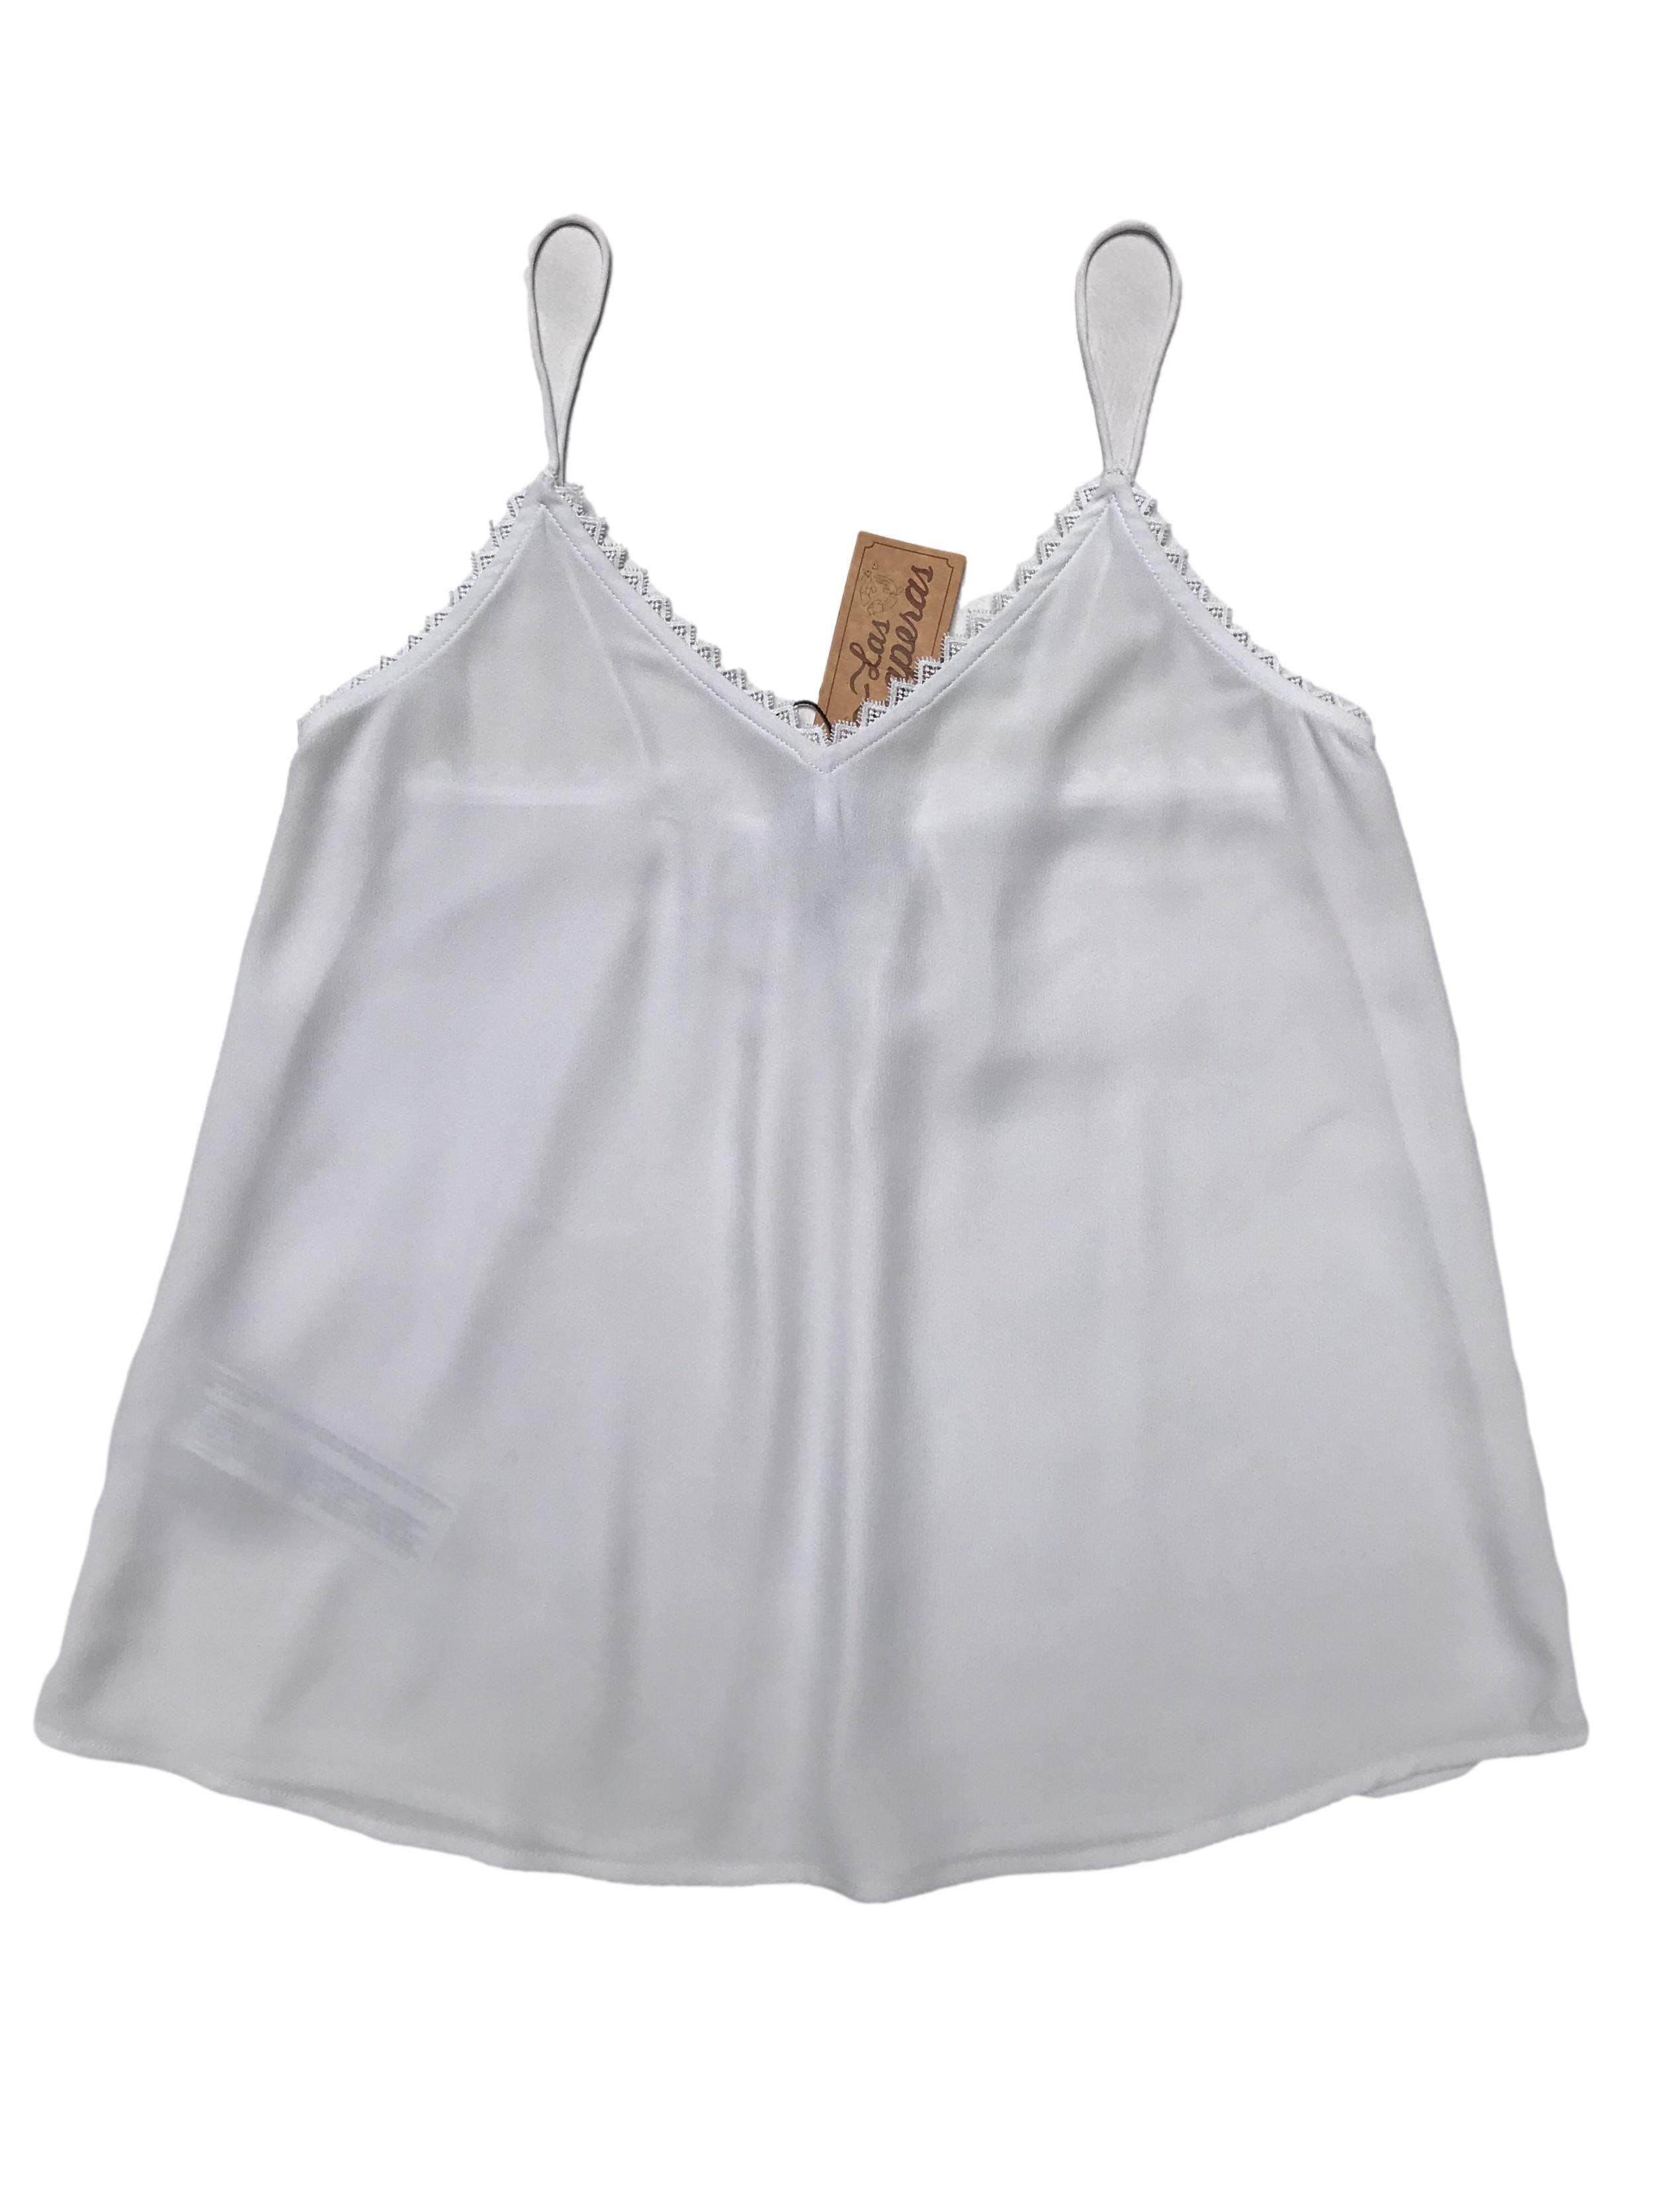 Blusa blanca Mango de tiritas, tela crepé con guipur en escote, es suelta. Busto 80cm Largo desde sisa 37cm